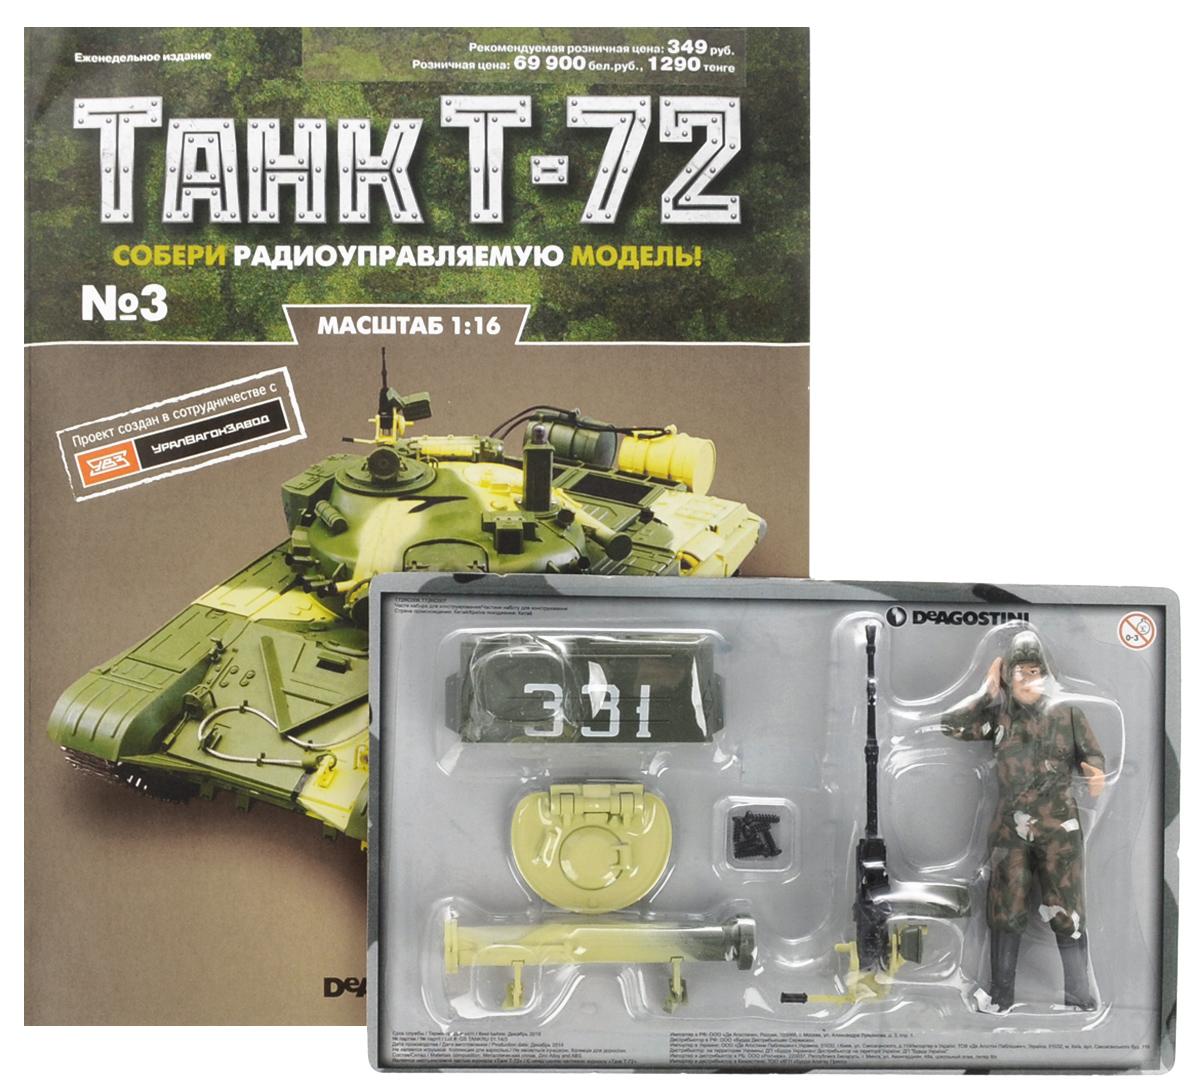 Журнал Танк Т-72 №3TANK003Перед вами - журнал из уникальной серии партворков Танк Т-72 с увлекательной информацией о легендарных боевых машинах и элементами для сборки копии танка Т-72 в уменьшенном варианте 1:16. У вас есть возможность собственноручно создать высококачественную модель этого знаменитого танка с достоверным воспроизведением всех элементов, сохранением функций подлинной боевой машины и дистанционным управлением. В комплекте детали, которые позволят продолжить сборки башни модели Т-72, а также фигурка танкиста в подарок. Высота фигурки: 10 см. Категория 16+.